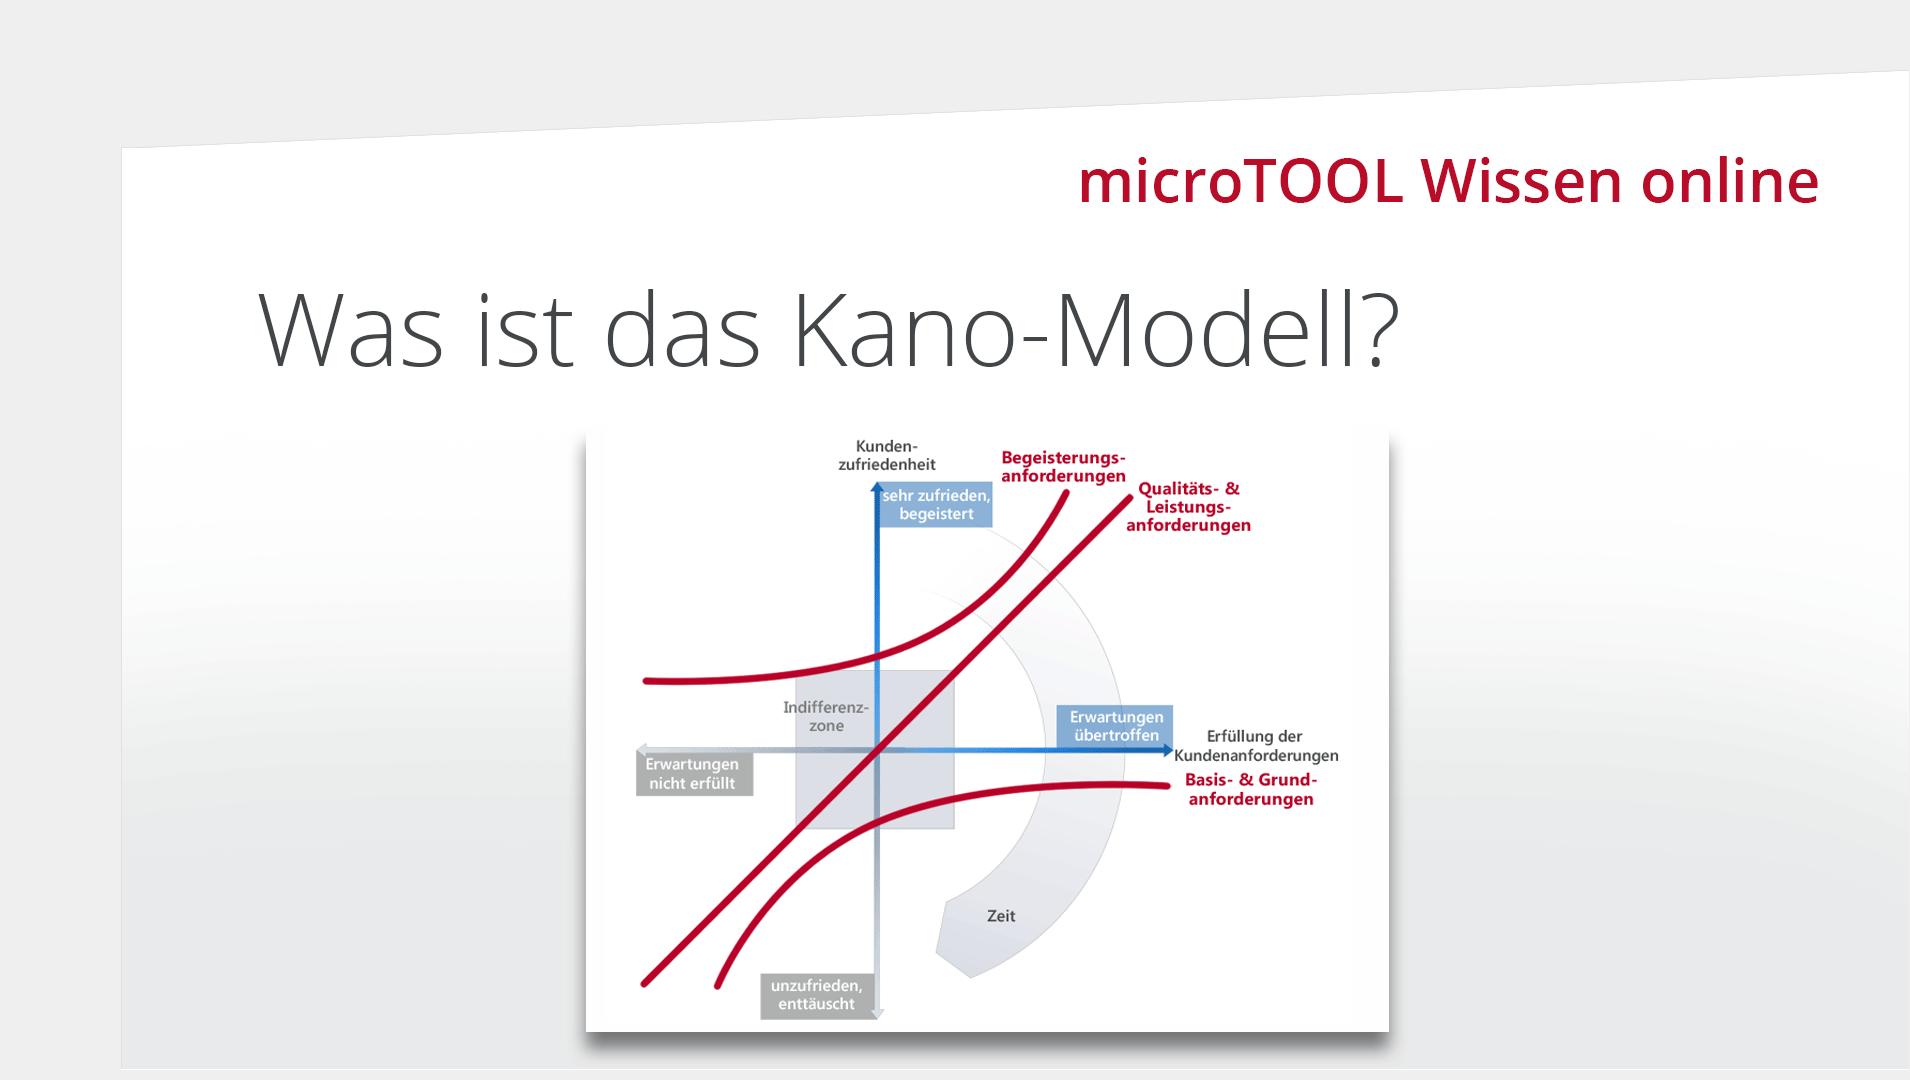 Wissen online: Was ist das Kano-Modell?